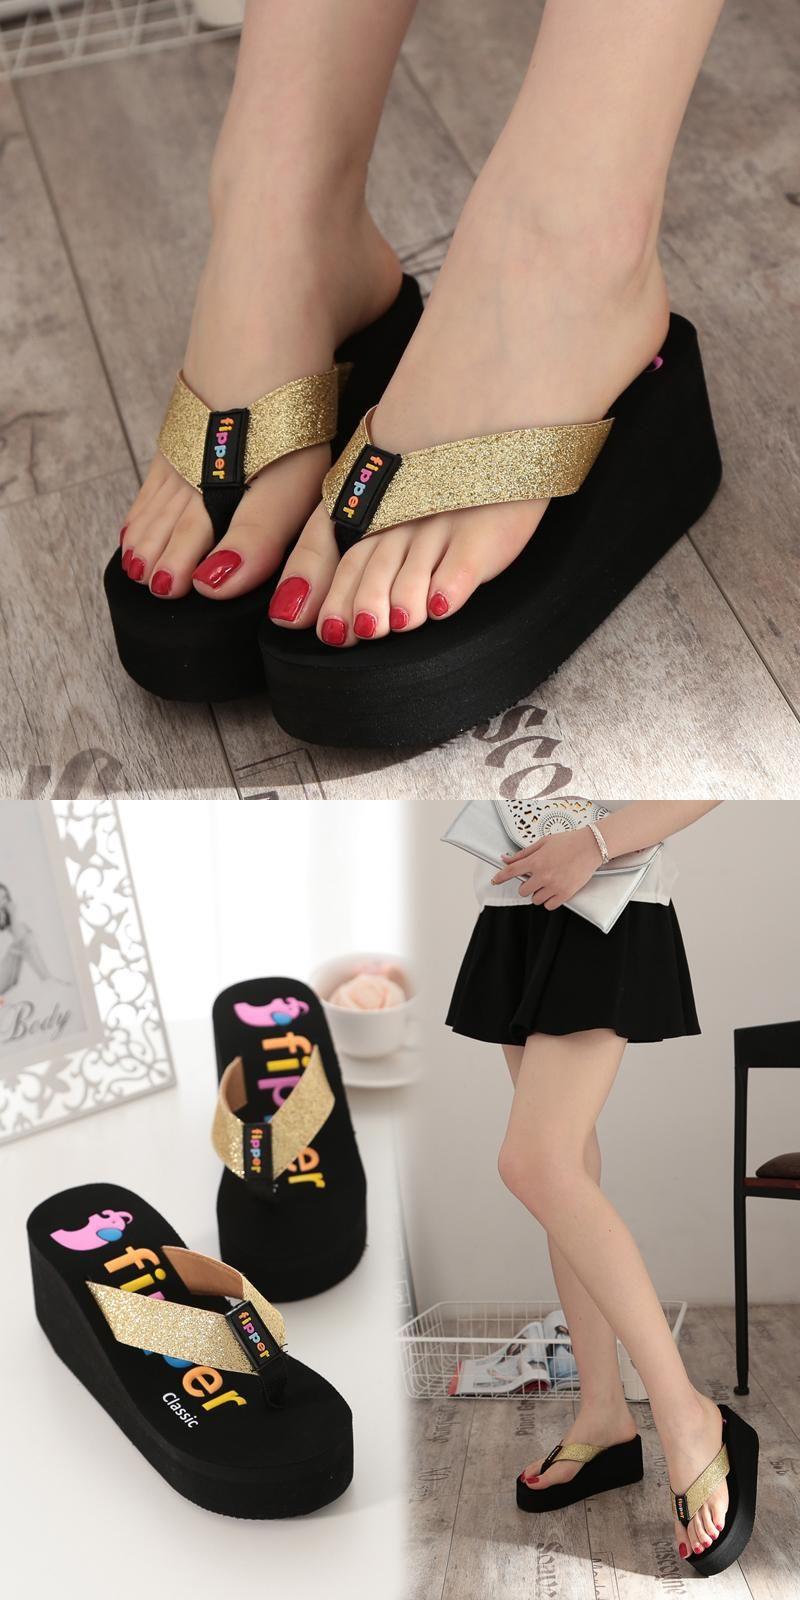 d66e0664fd928a  Visit to Buy  Summer Flip Flops Women Sandals 2016 New Wedges Women s  Slippers Flip